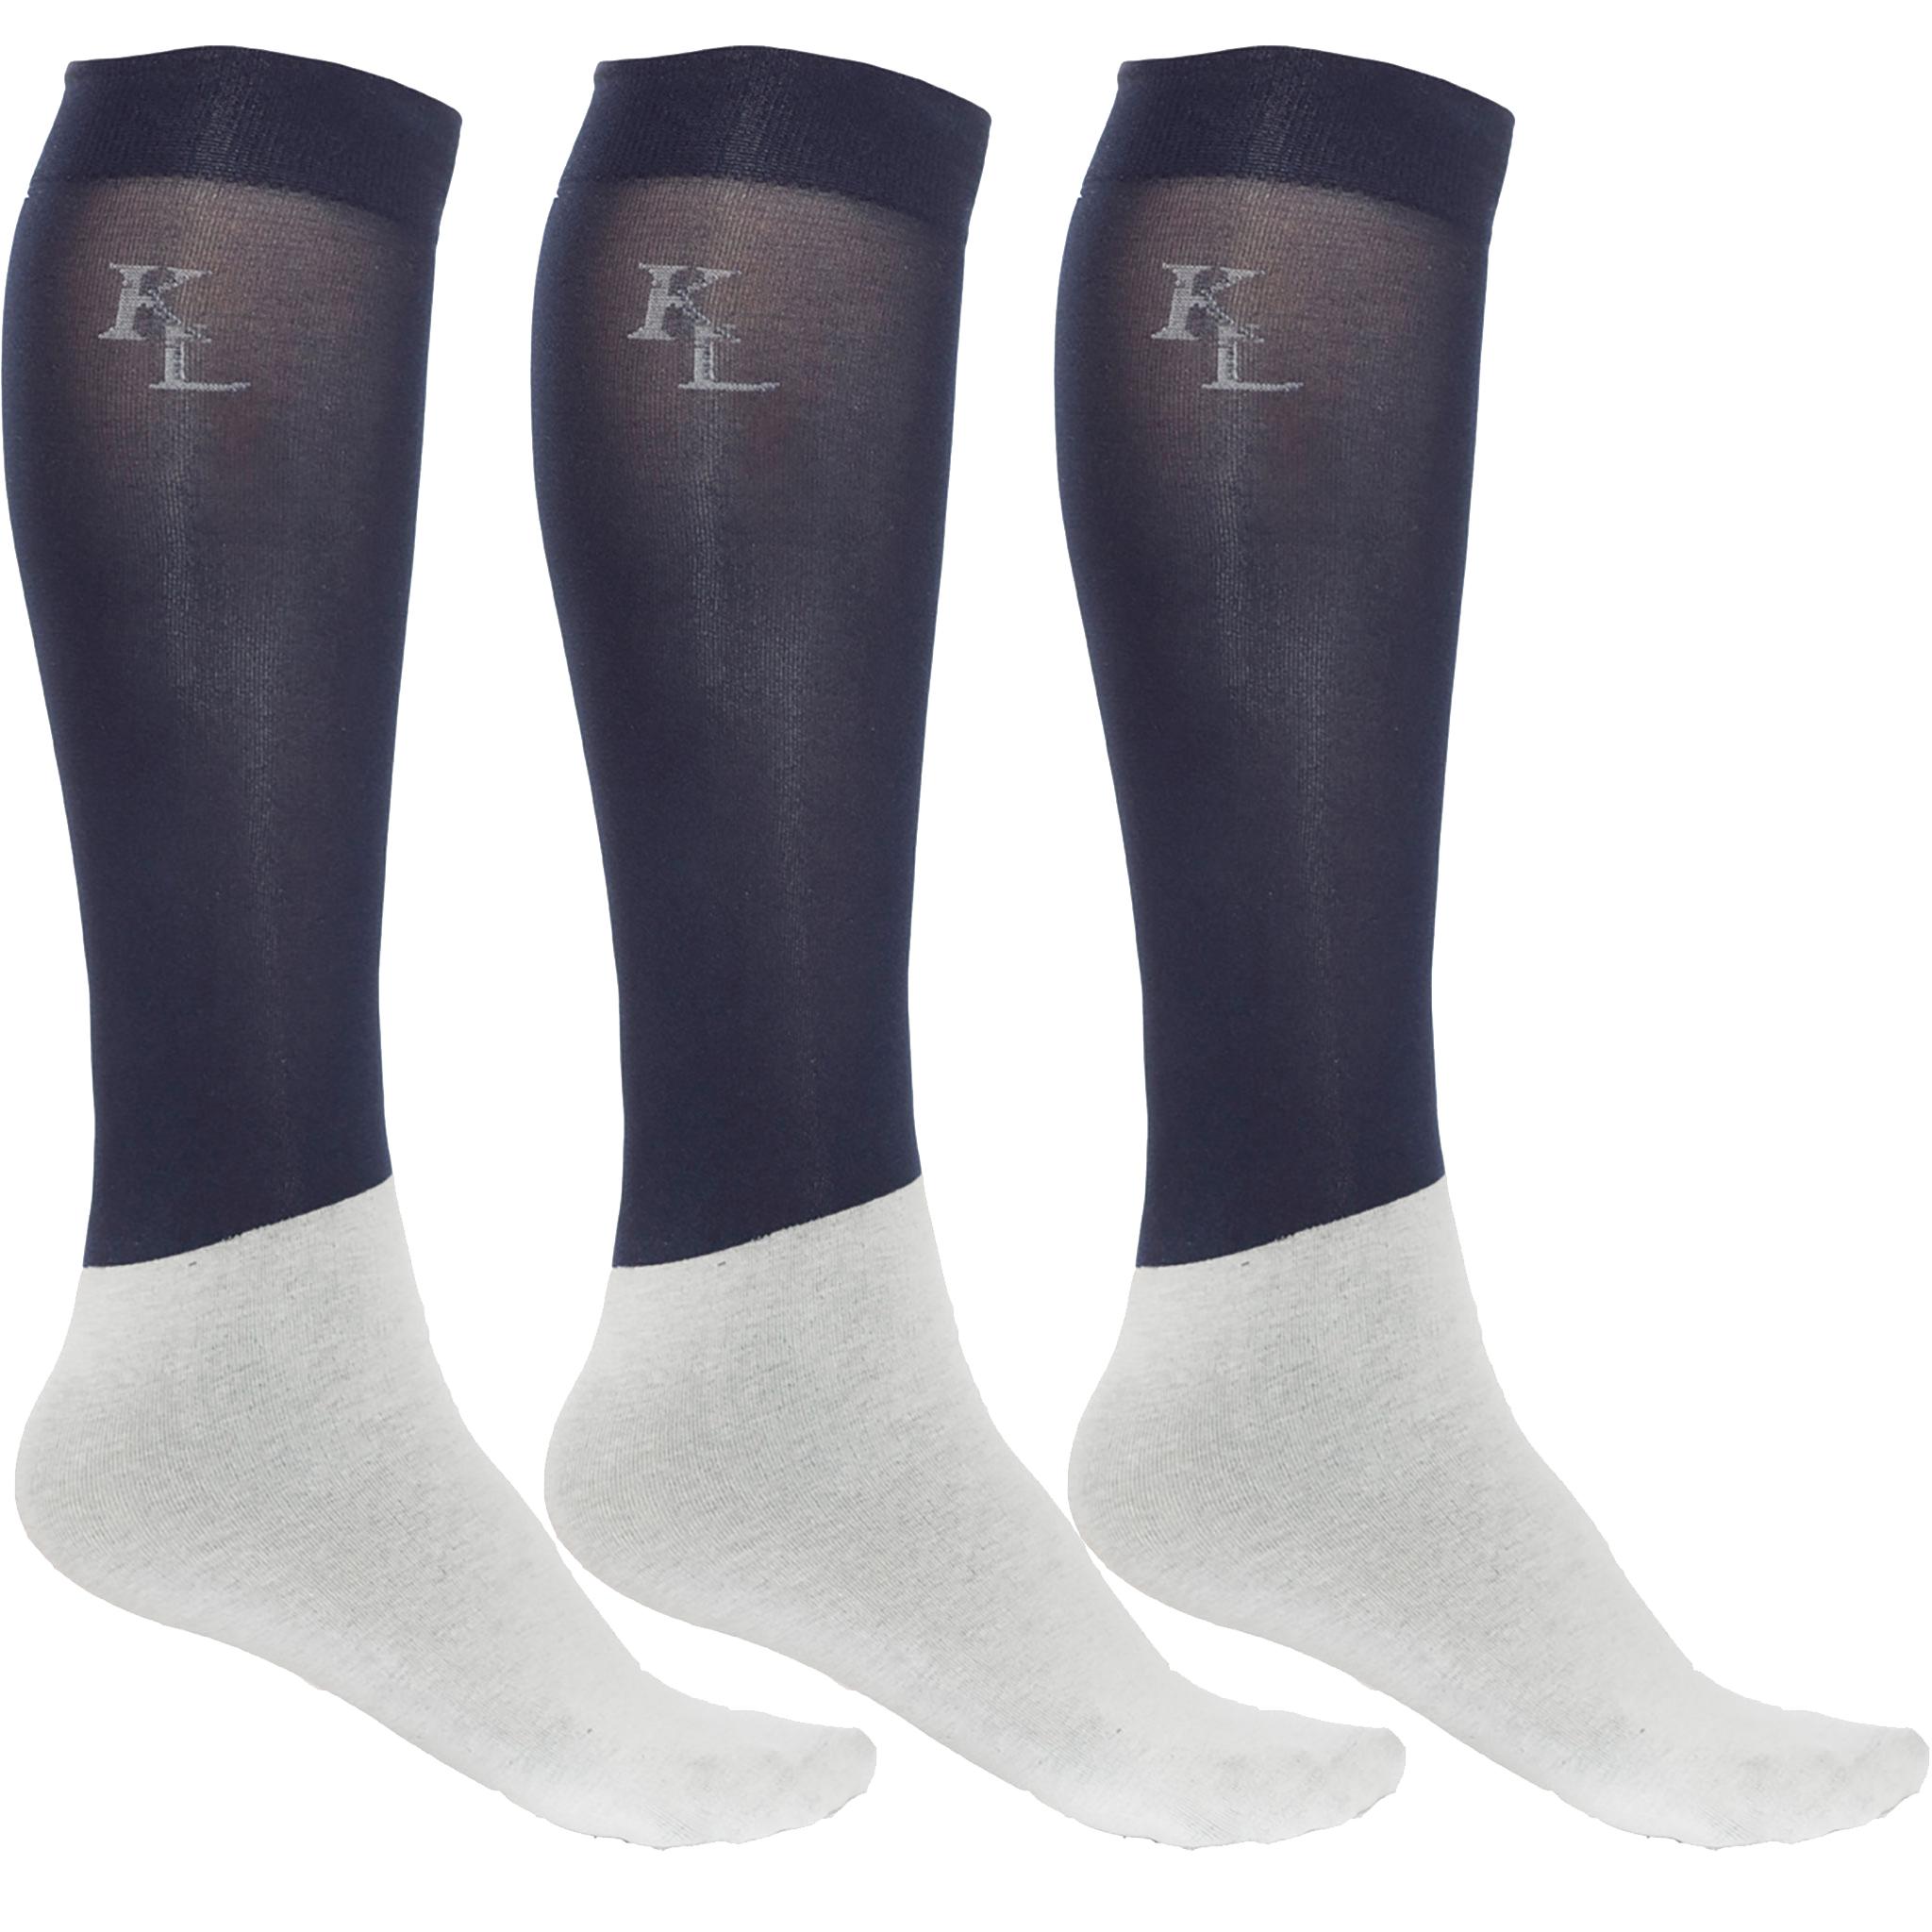 Kingsland 3er Pack Show Socks in navy - Topseller